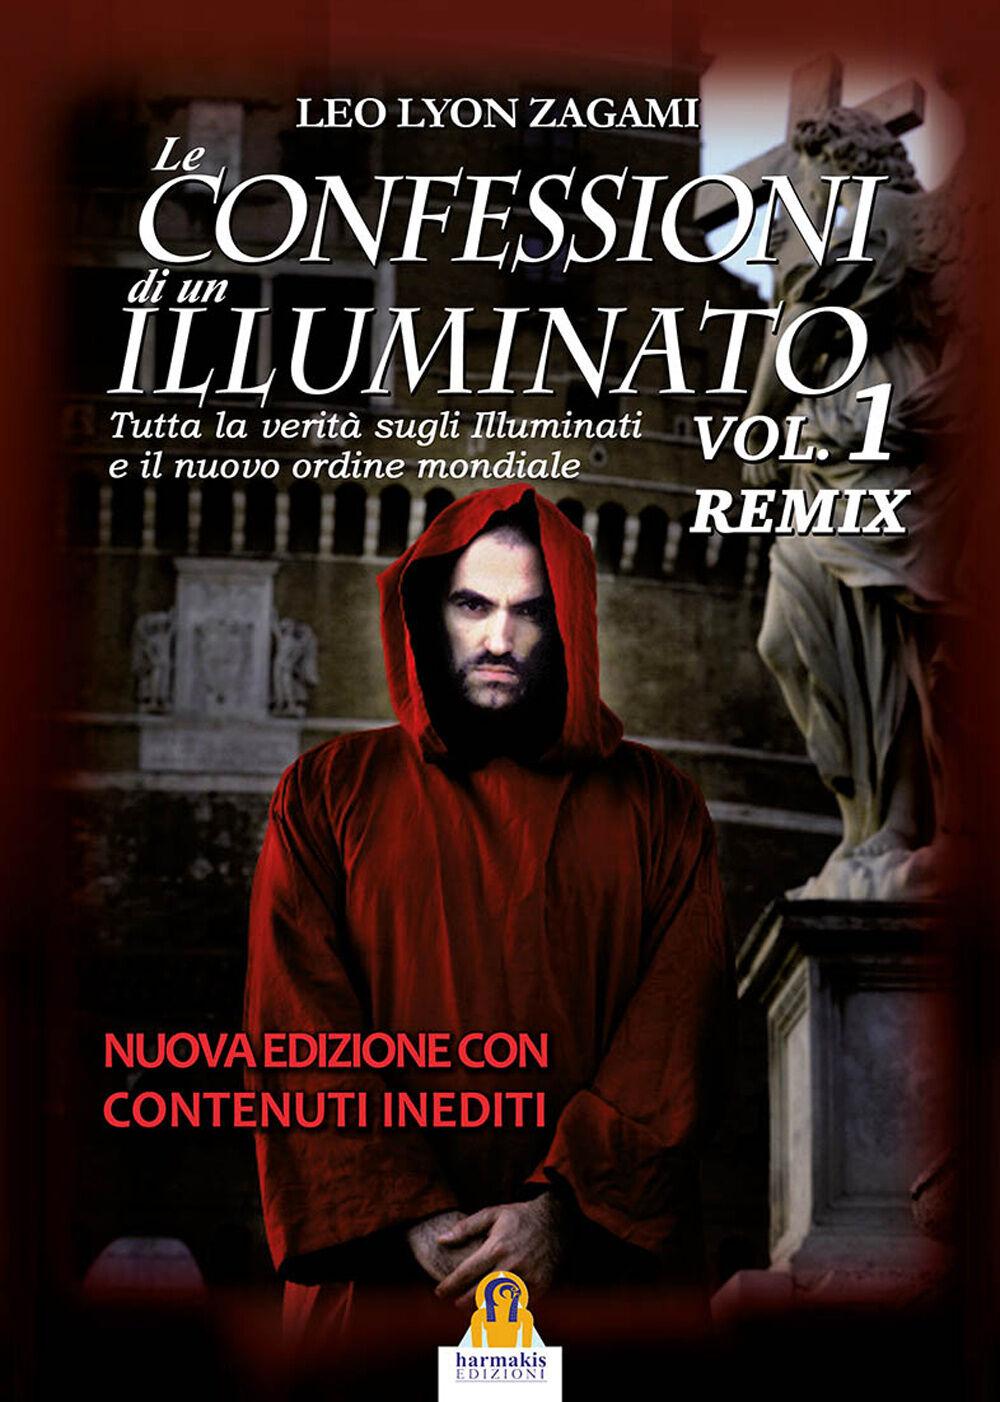 Le confessioni di un illuminato remix. Vol. 1